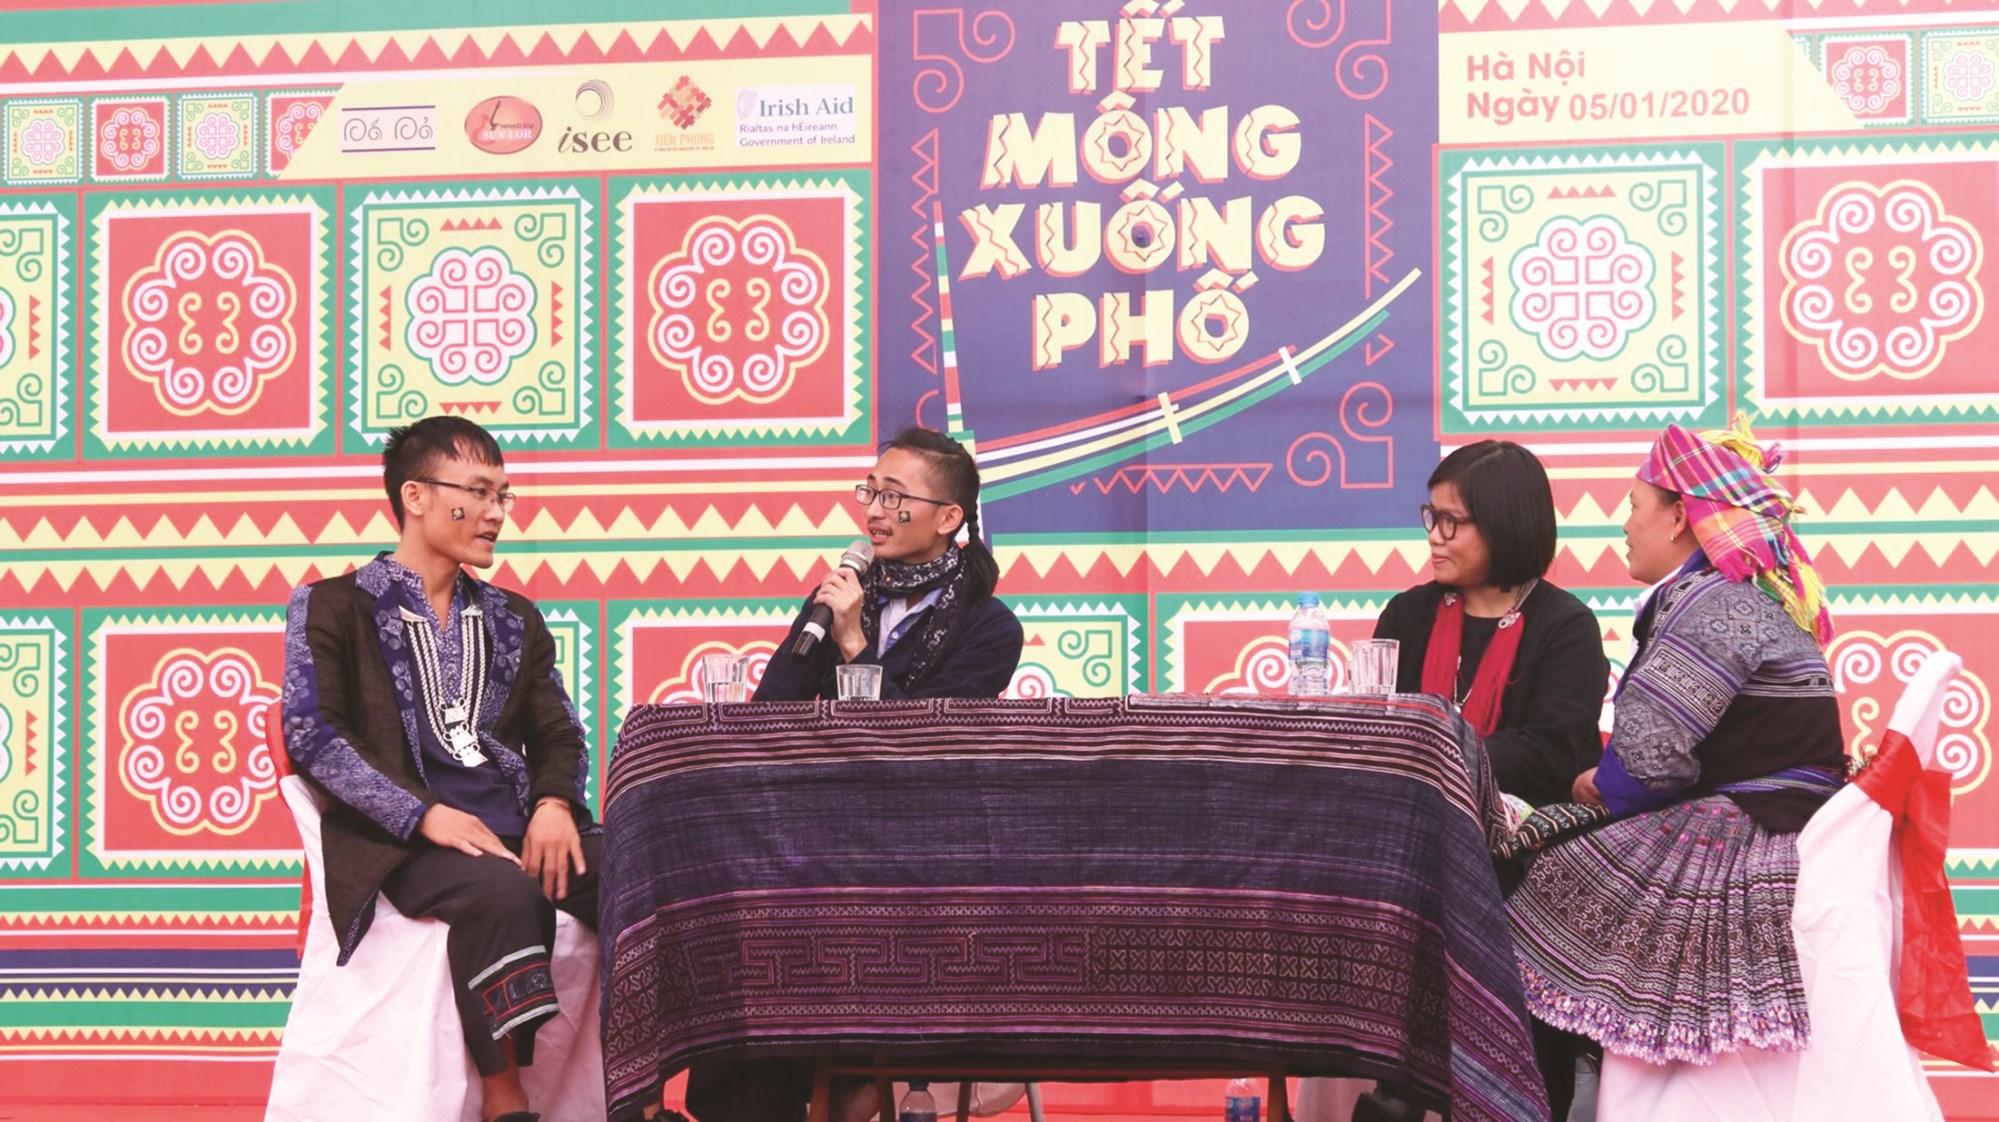 Khang A Tủa tích cực tham gia các hoạt động xã hội, các dự án nhằm phát triển văn hóa Mông